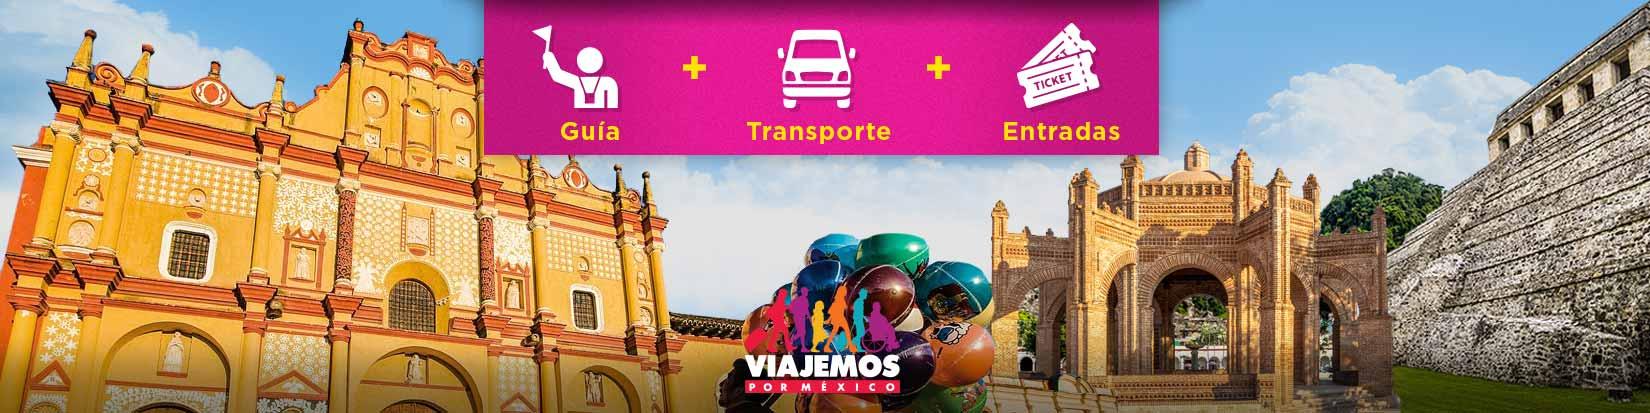 Tours / Excursiones en Chiapas de hasta 10 hrs